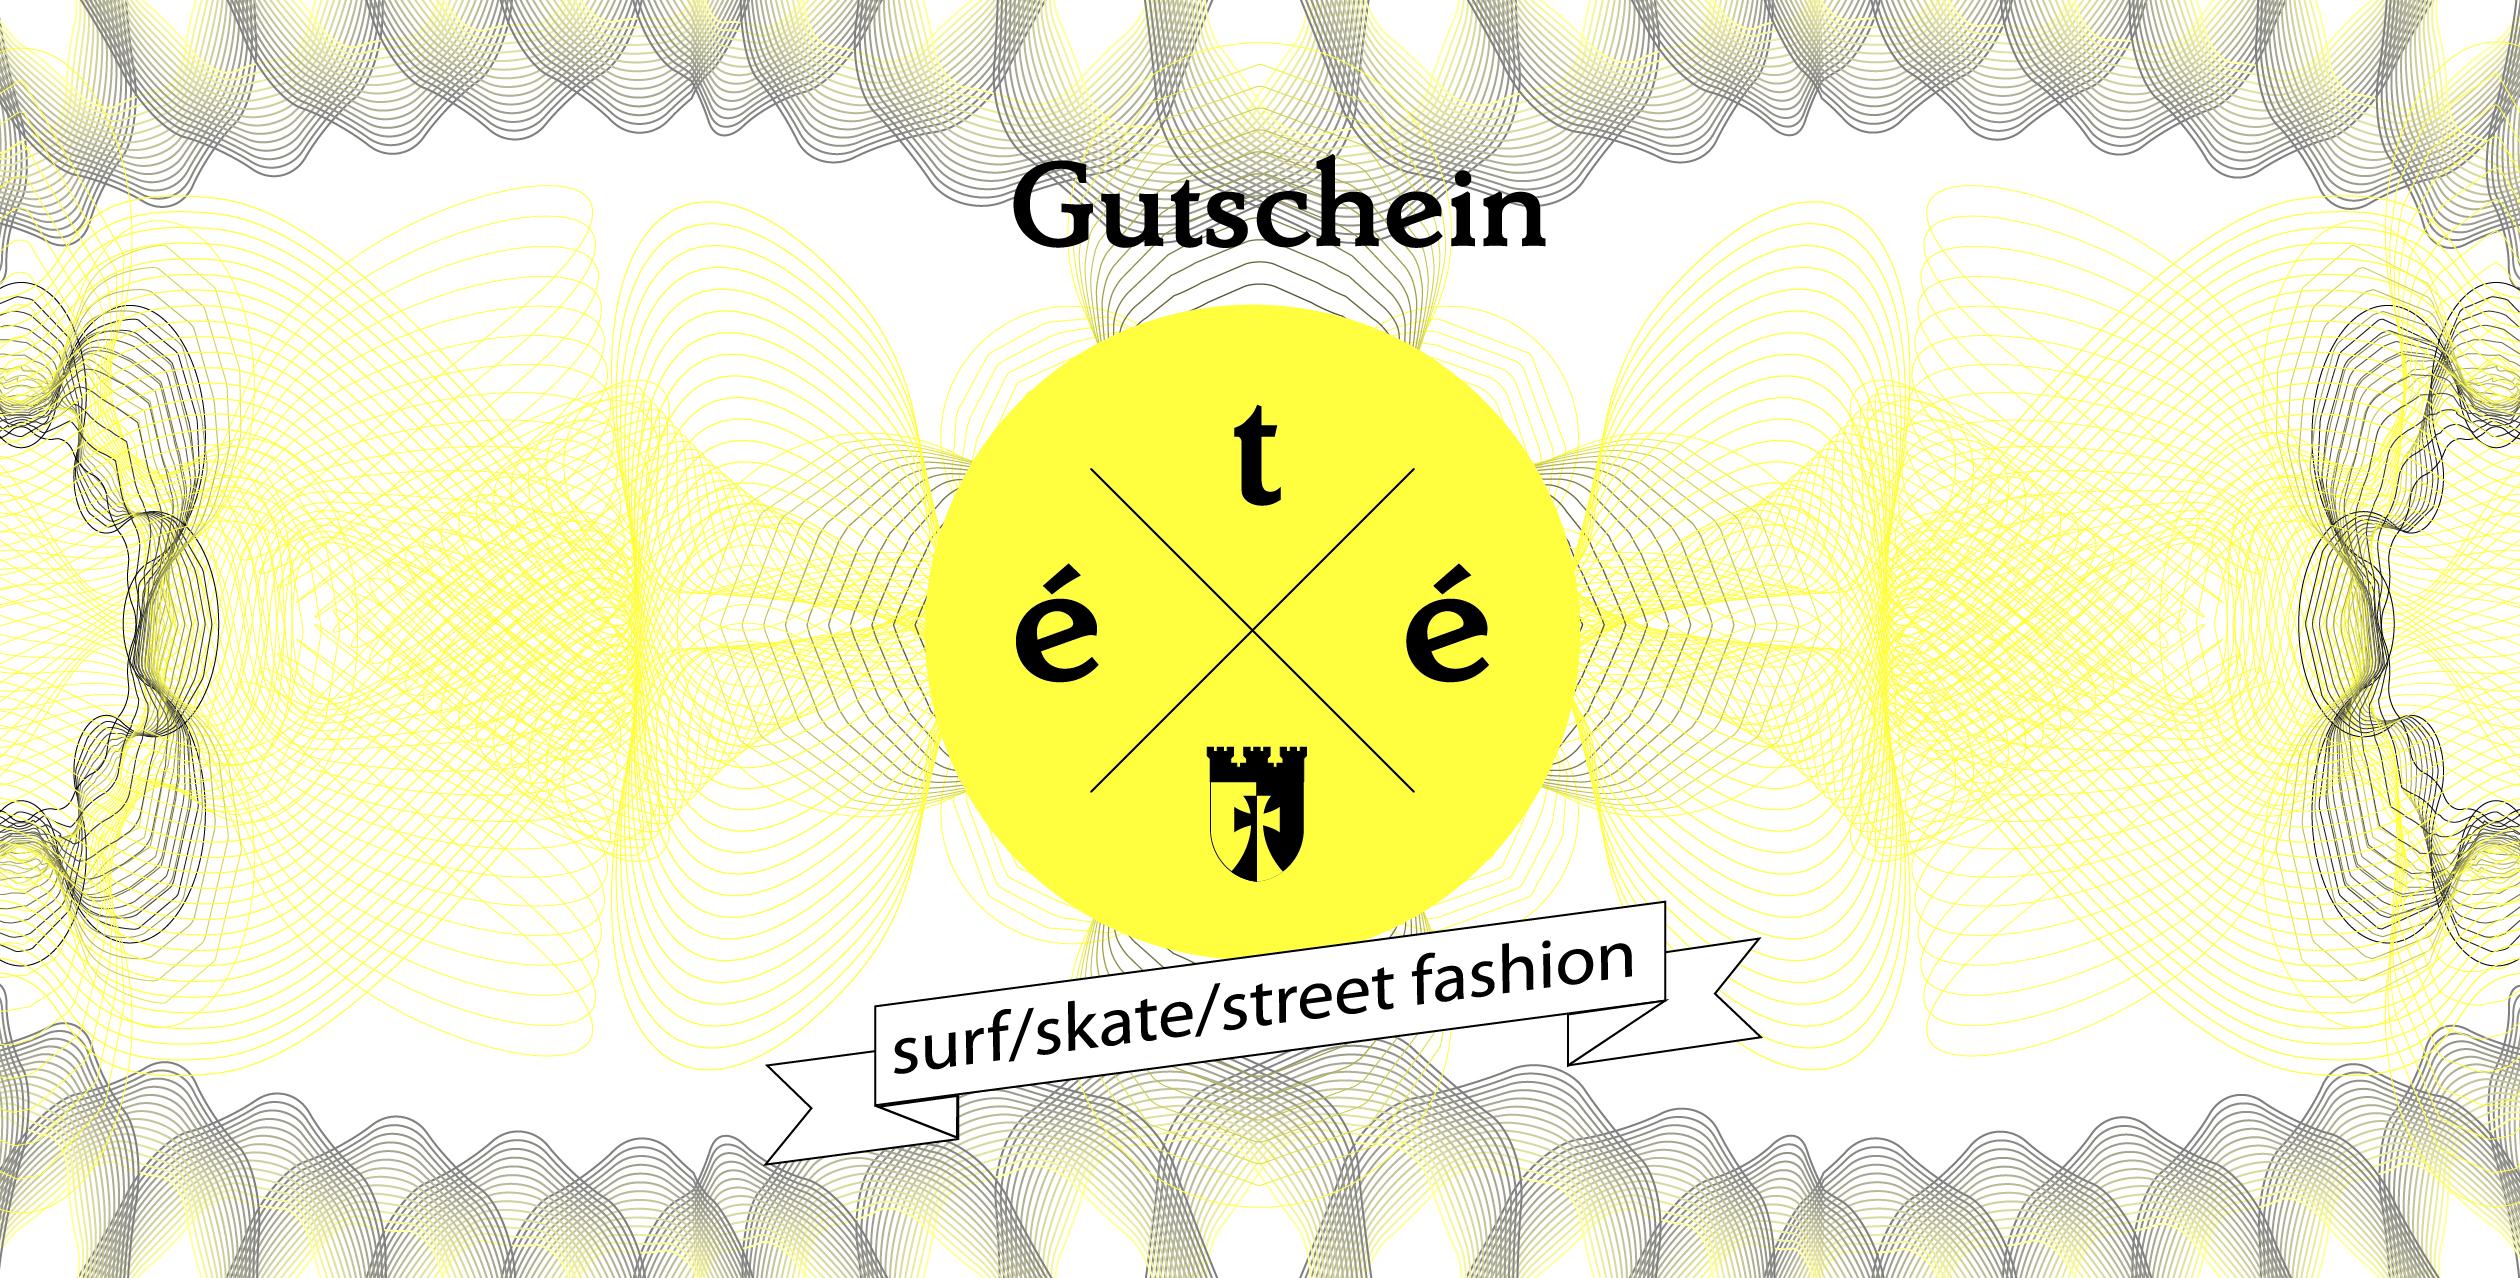 ETE_Gutschein_04-01